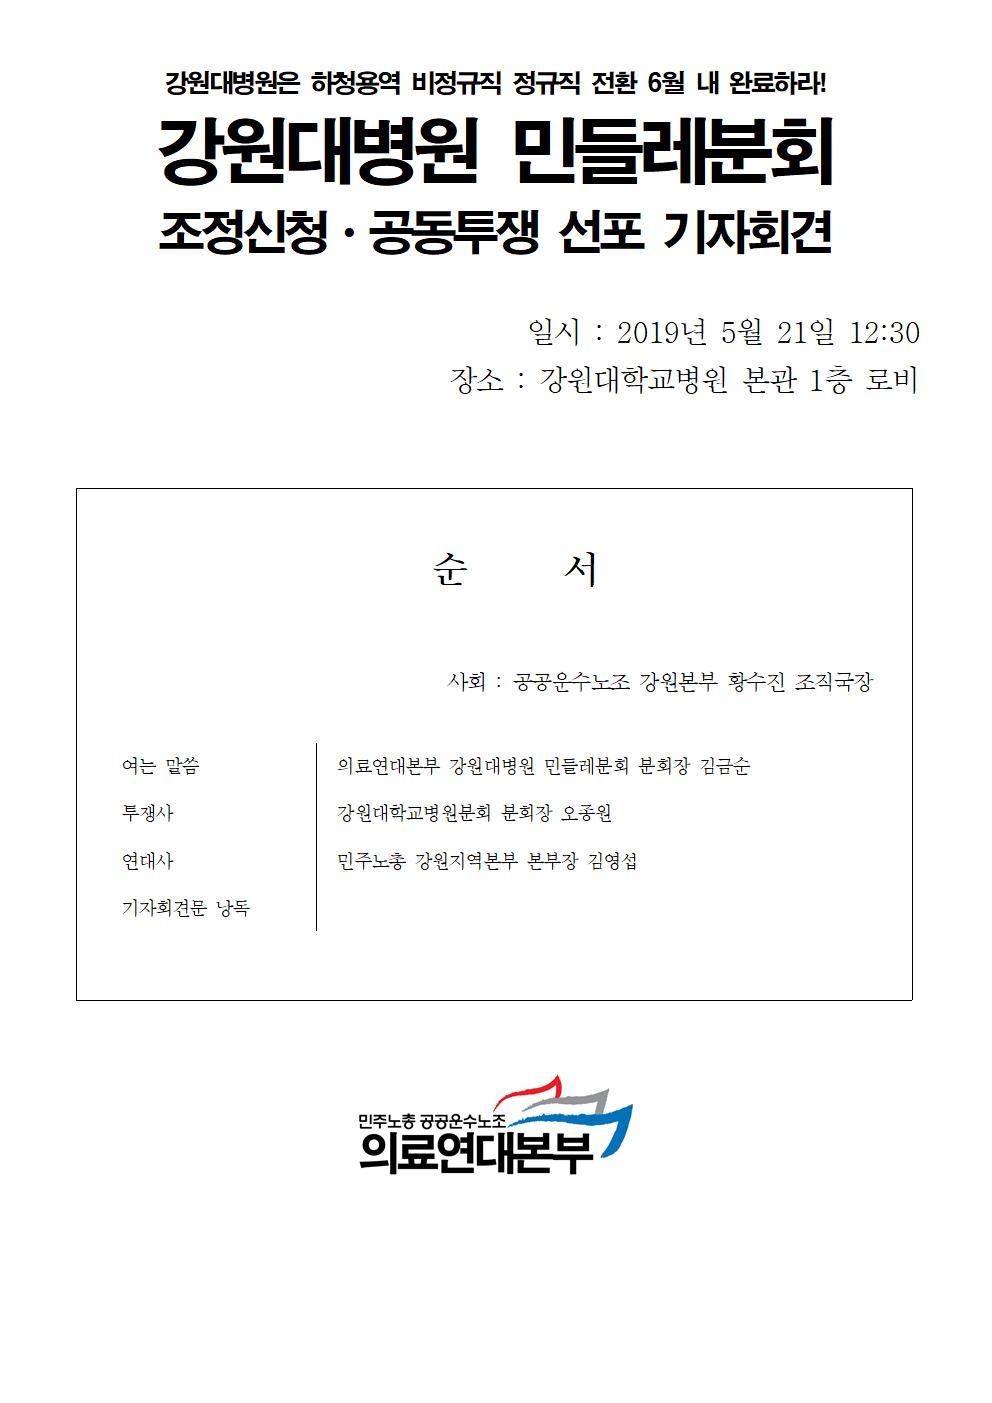 20190521_[보도자료]_강원대병원_민들레분회_조정신청_공동투쟁003.jpg